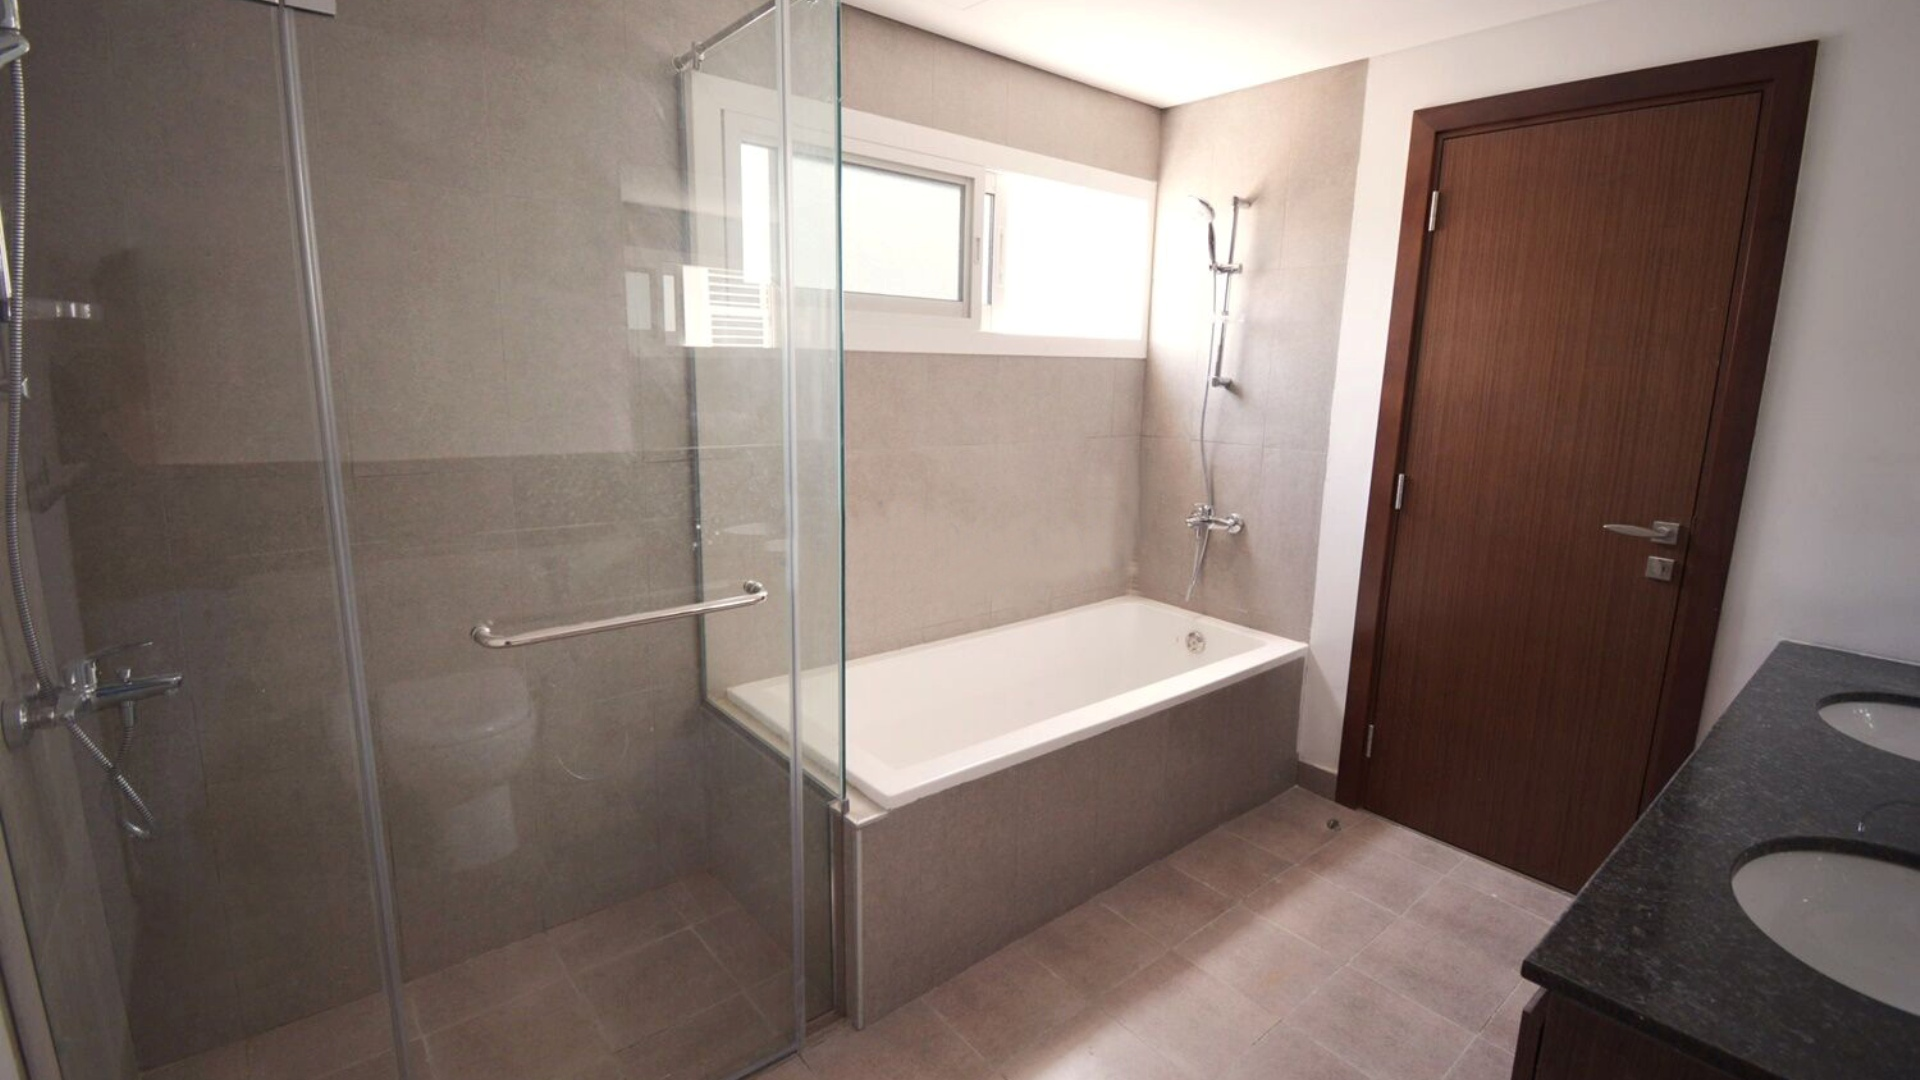 Adosado en venta en Dubai, EAU, 3 dormitorios, 187 m2, № 24437 – foto 2